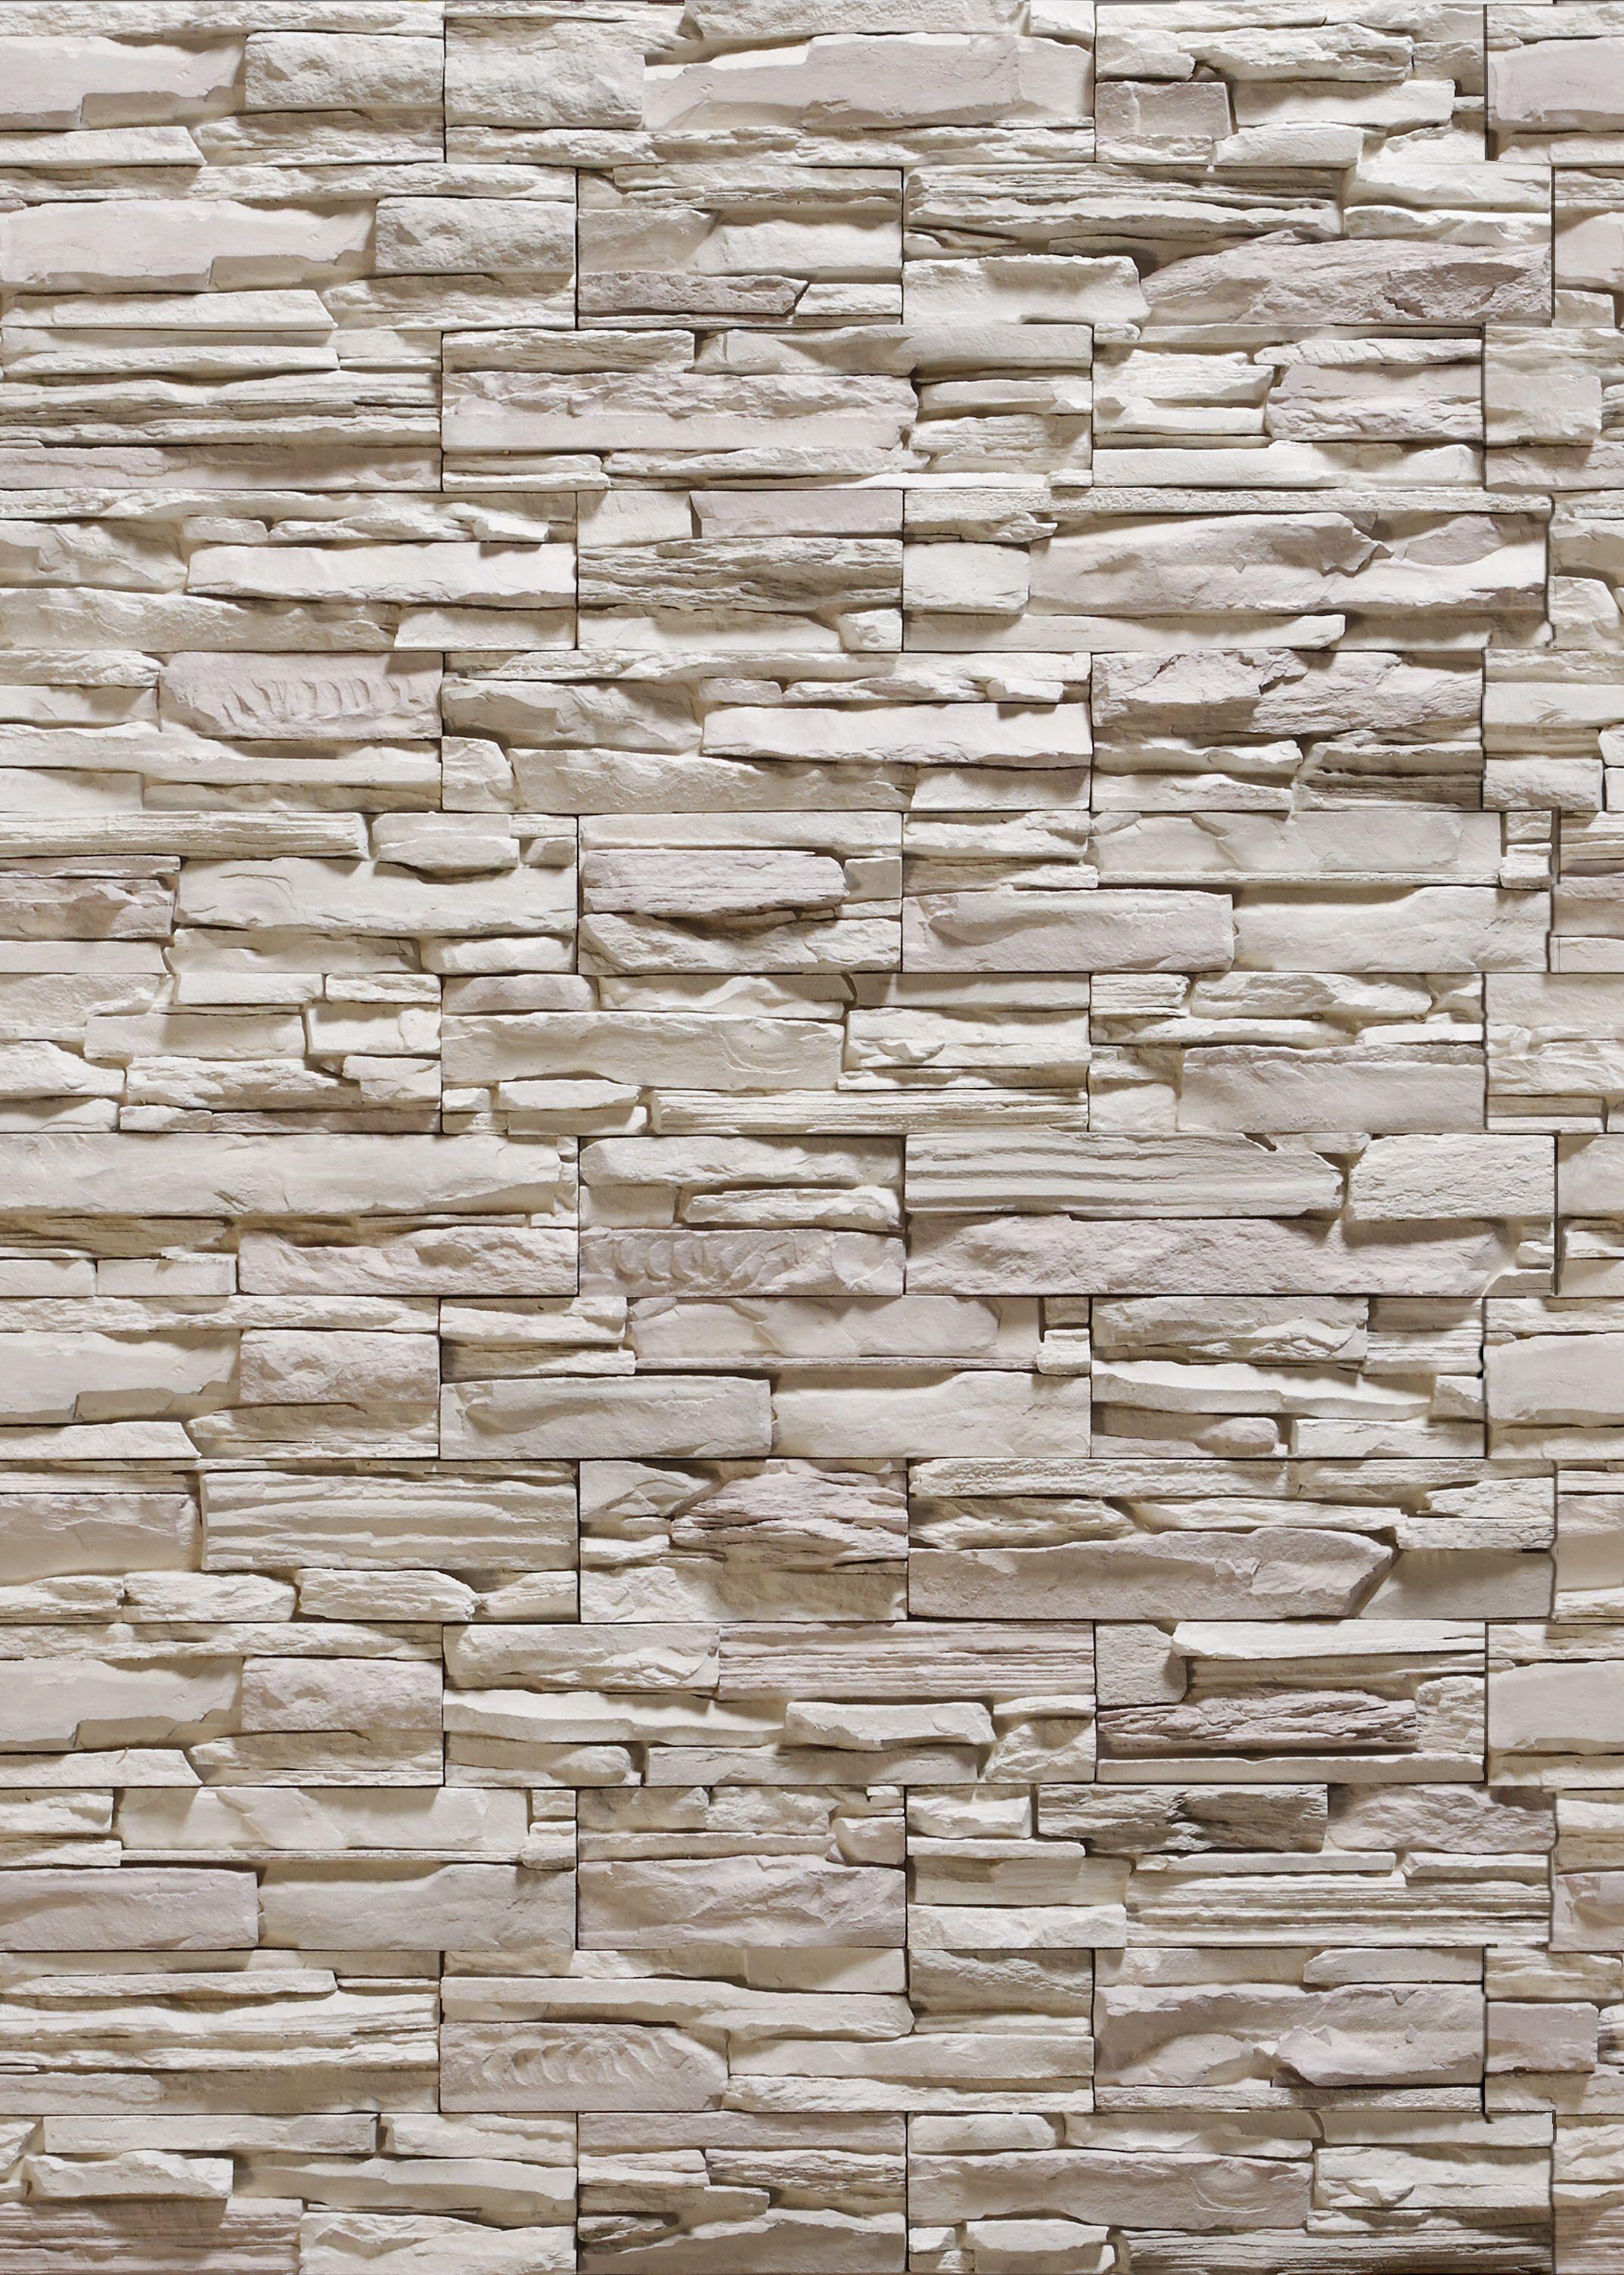 Mur En Pierre Interieur Beige Épinglé par roberto gonzalez sur texturas 3d-max | texture